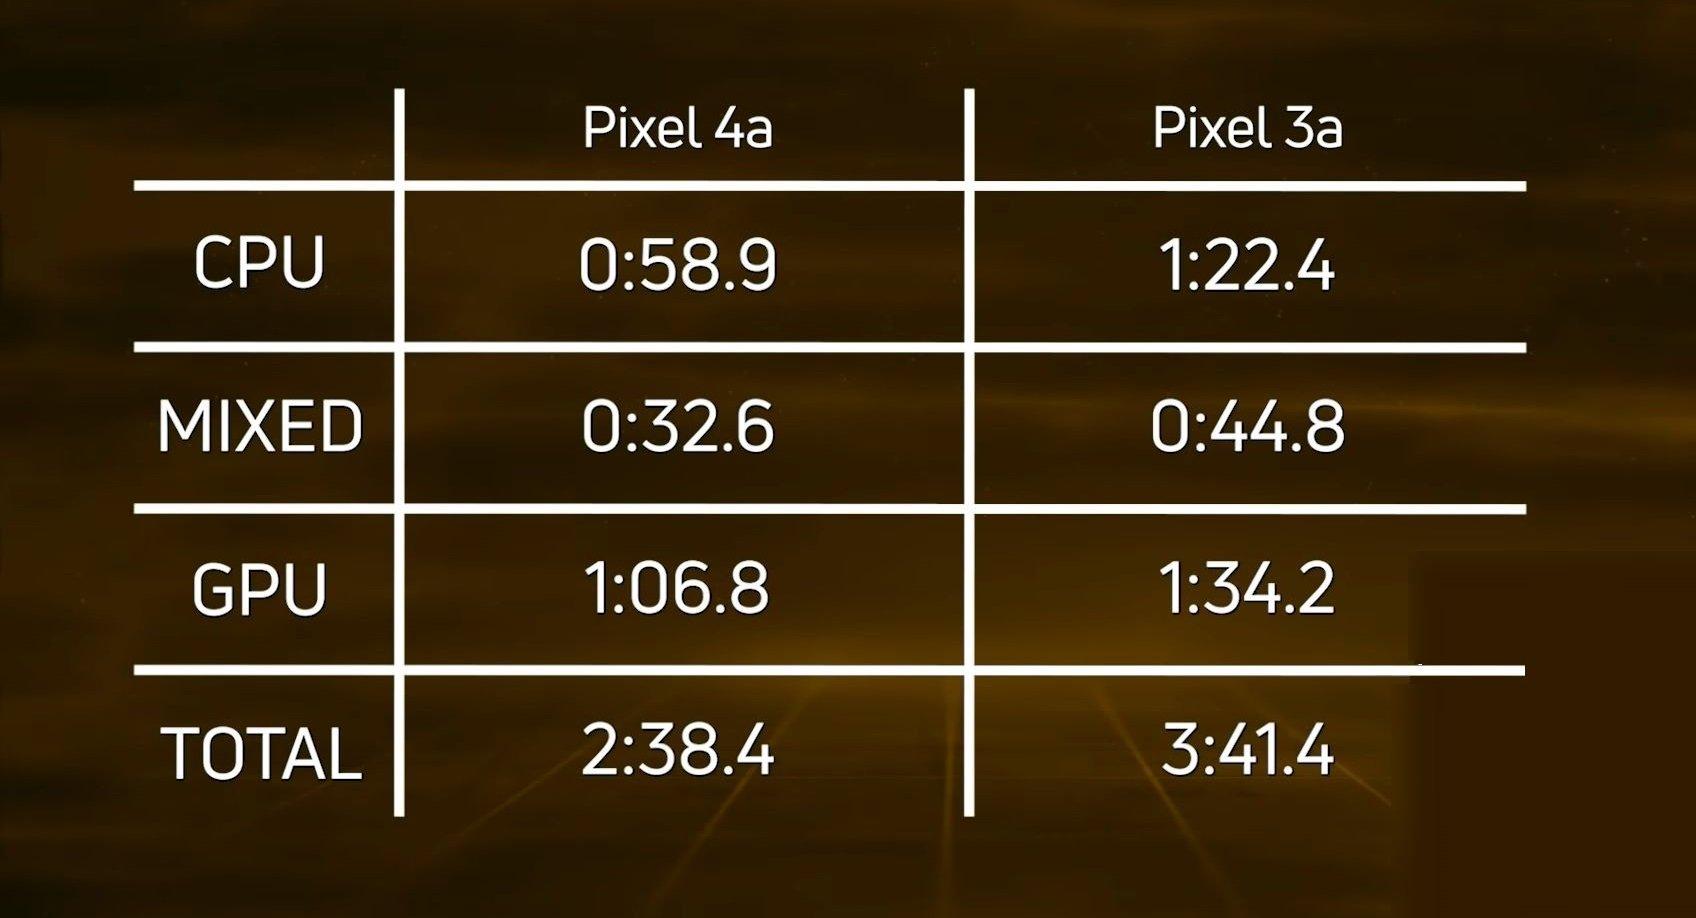 pixel 3a vs pixel 4a